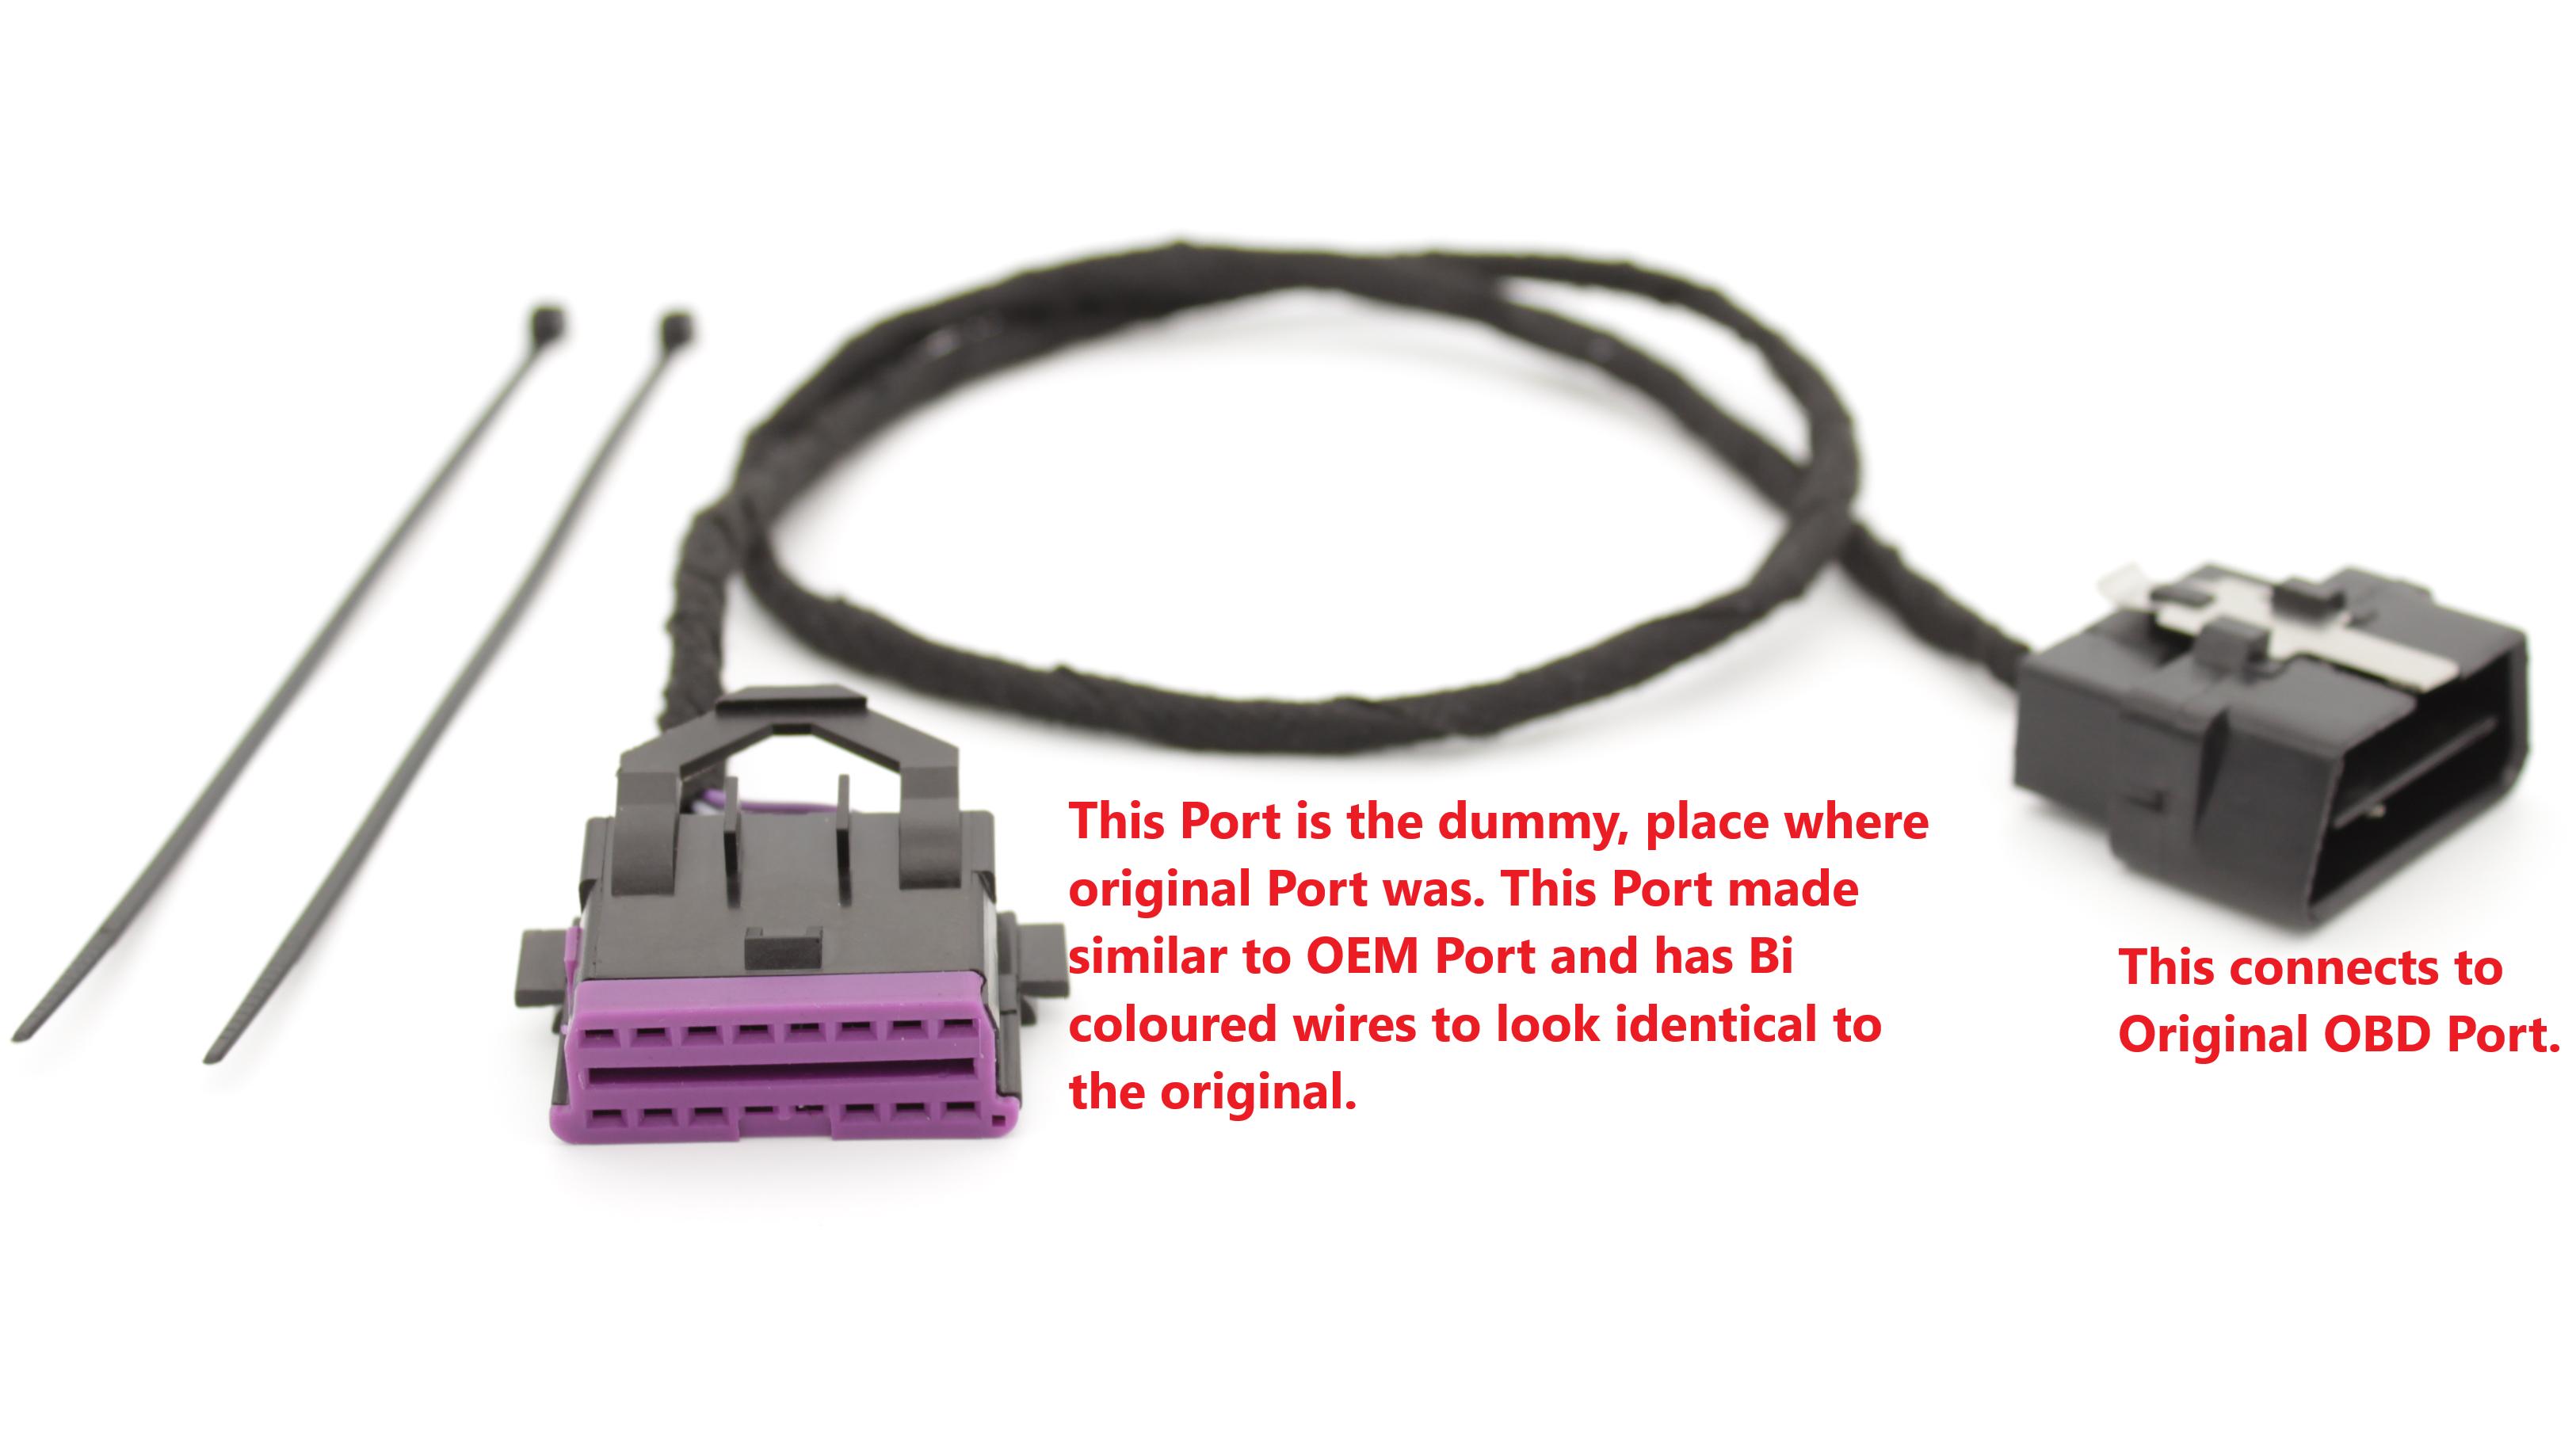 Ford Dummy OBD port | Dummy OBD